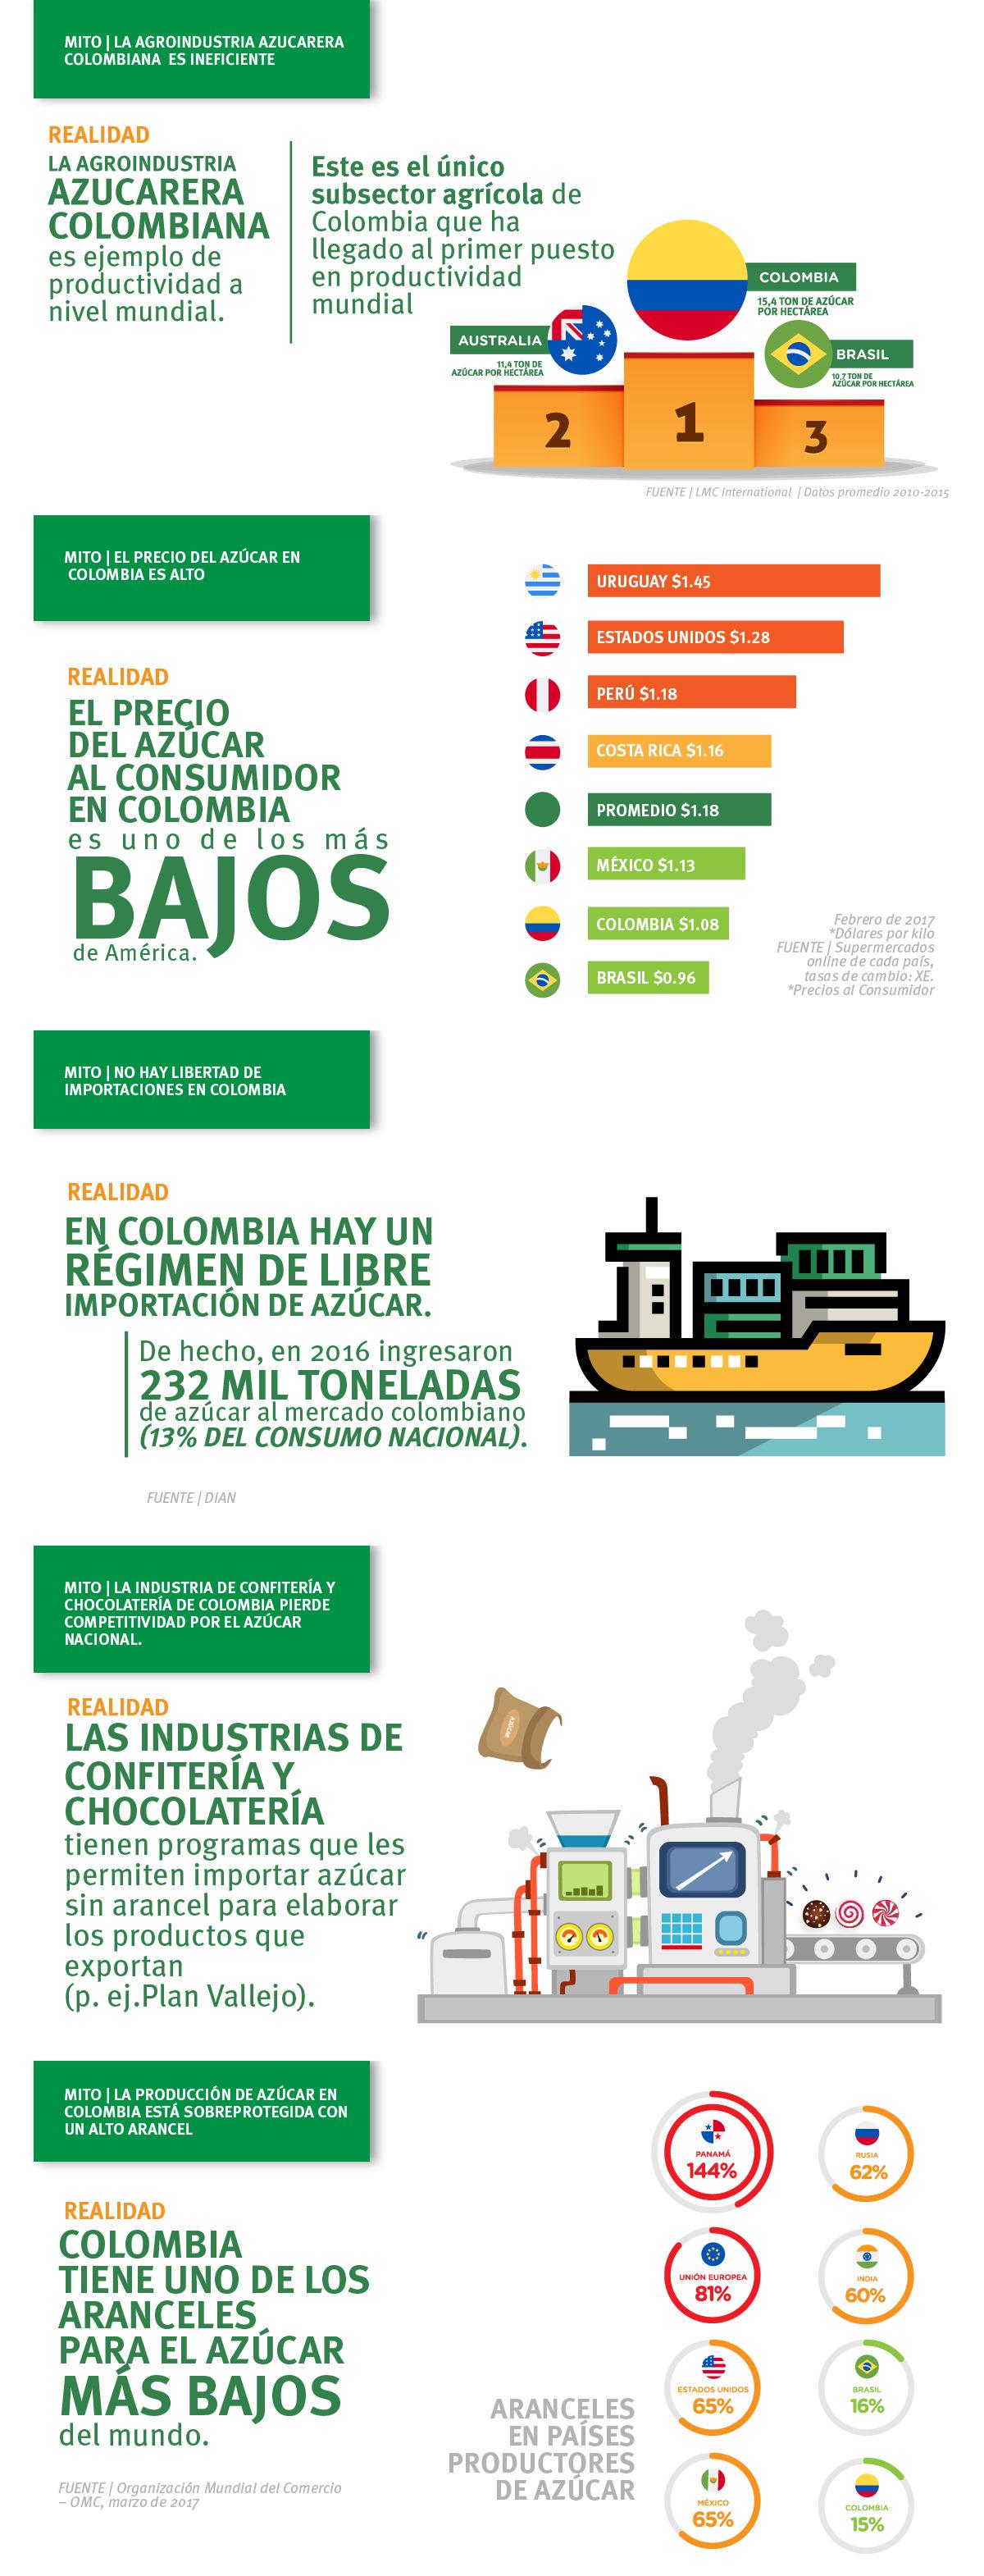 Mitos y realidades sobre el mercado del azúcar en Colombia